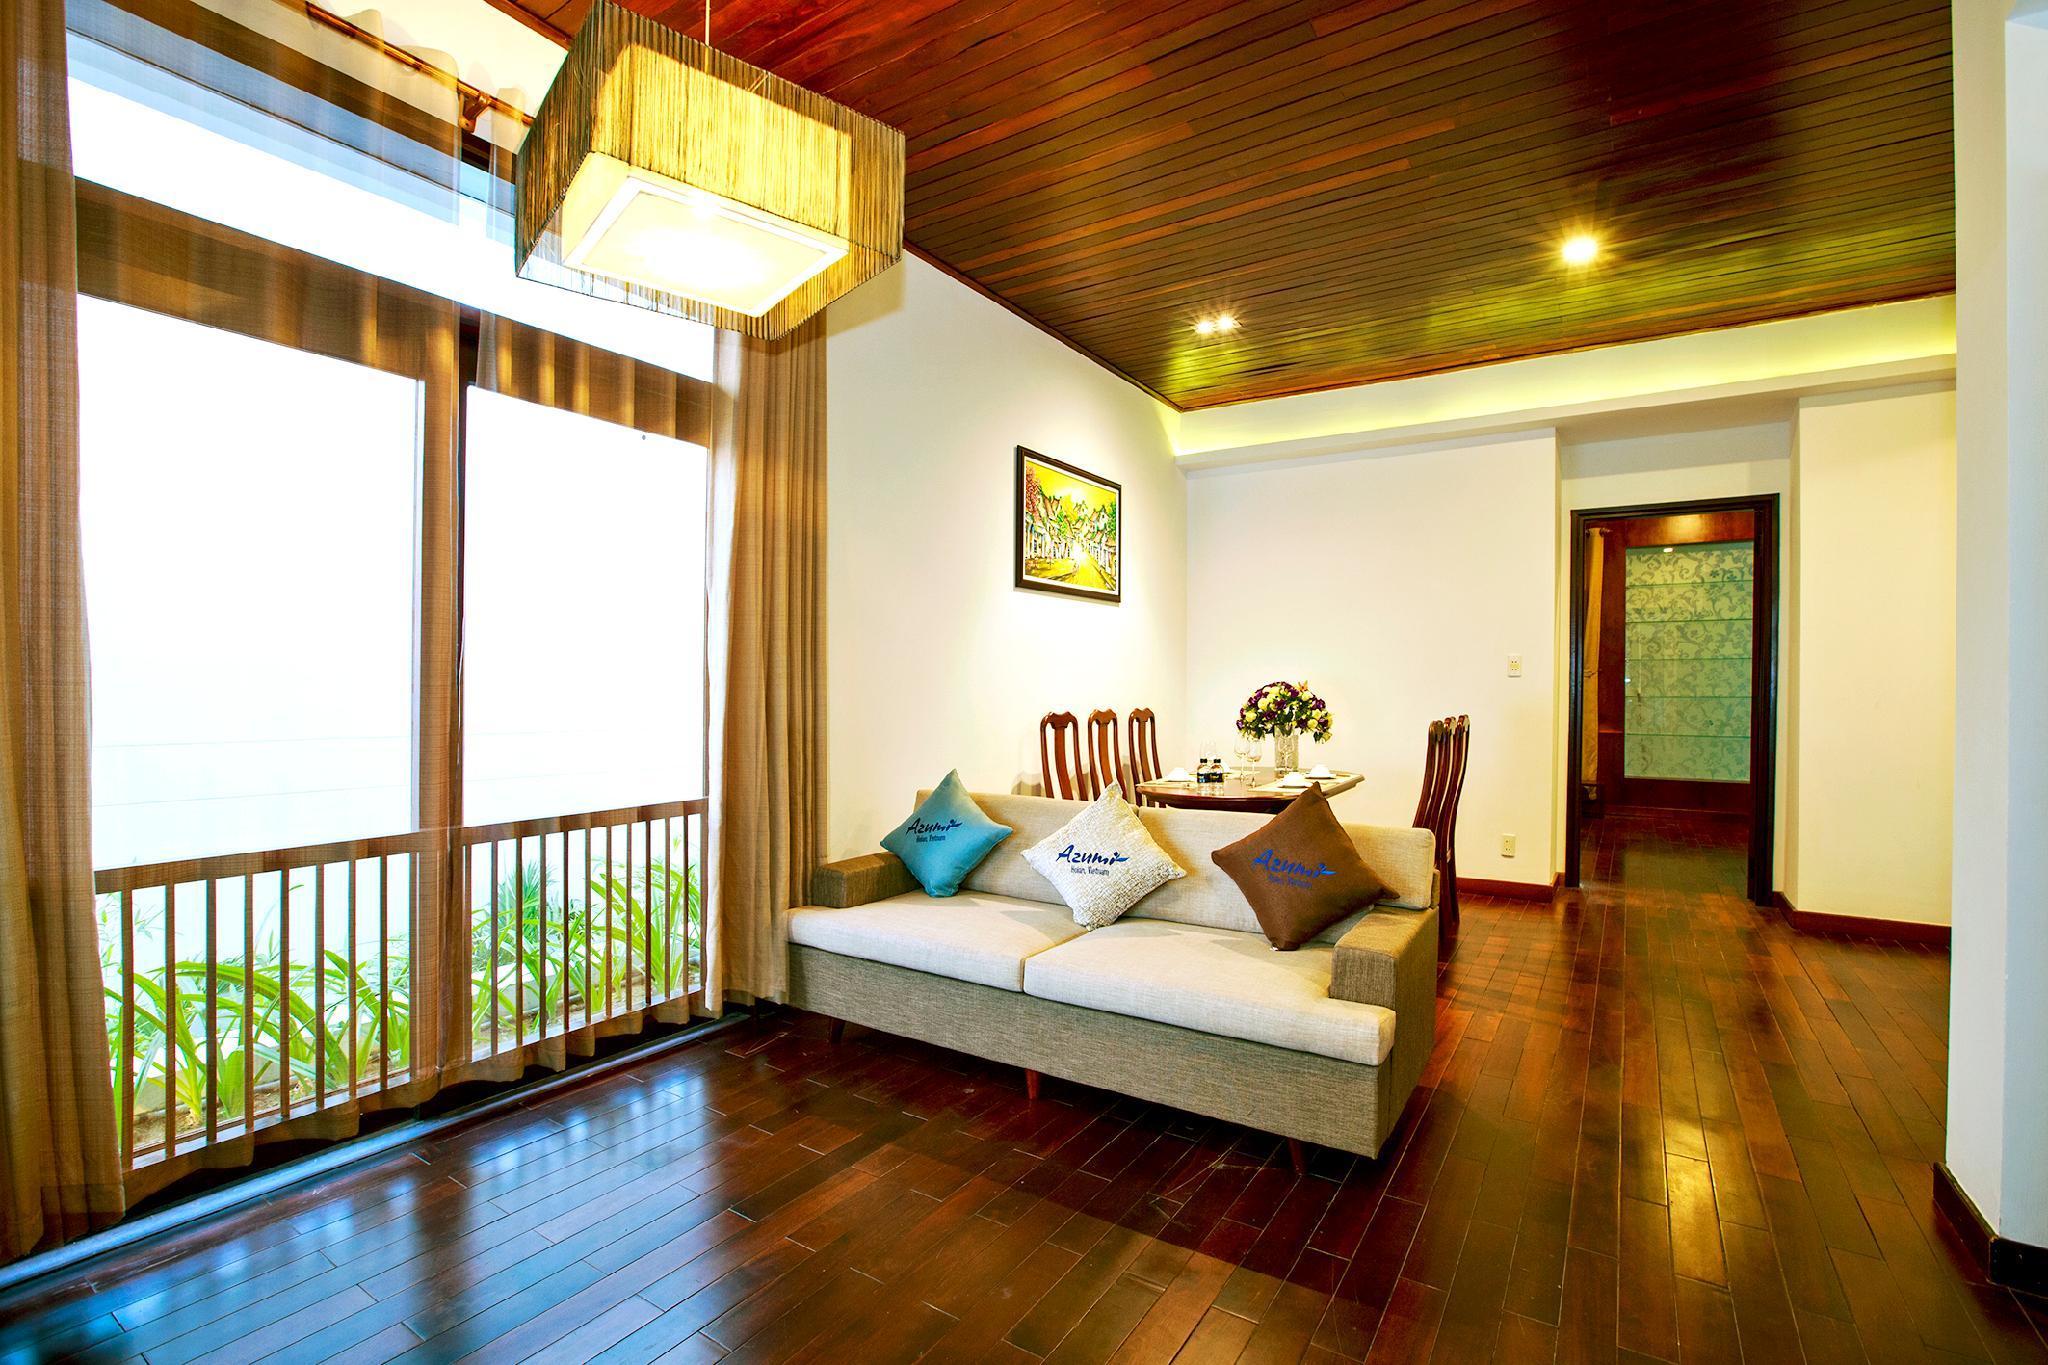 Azumi 03 Bedroom First Floor Apartment Hoian